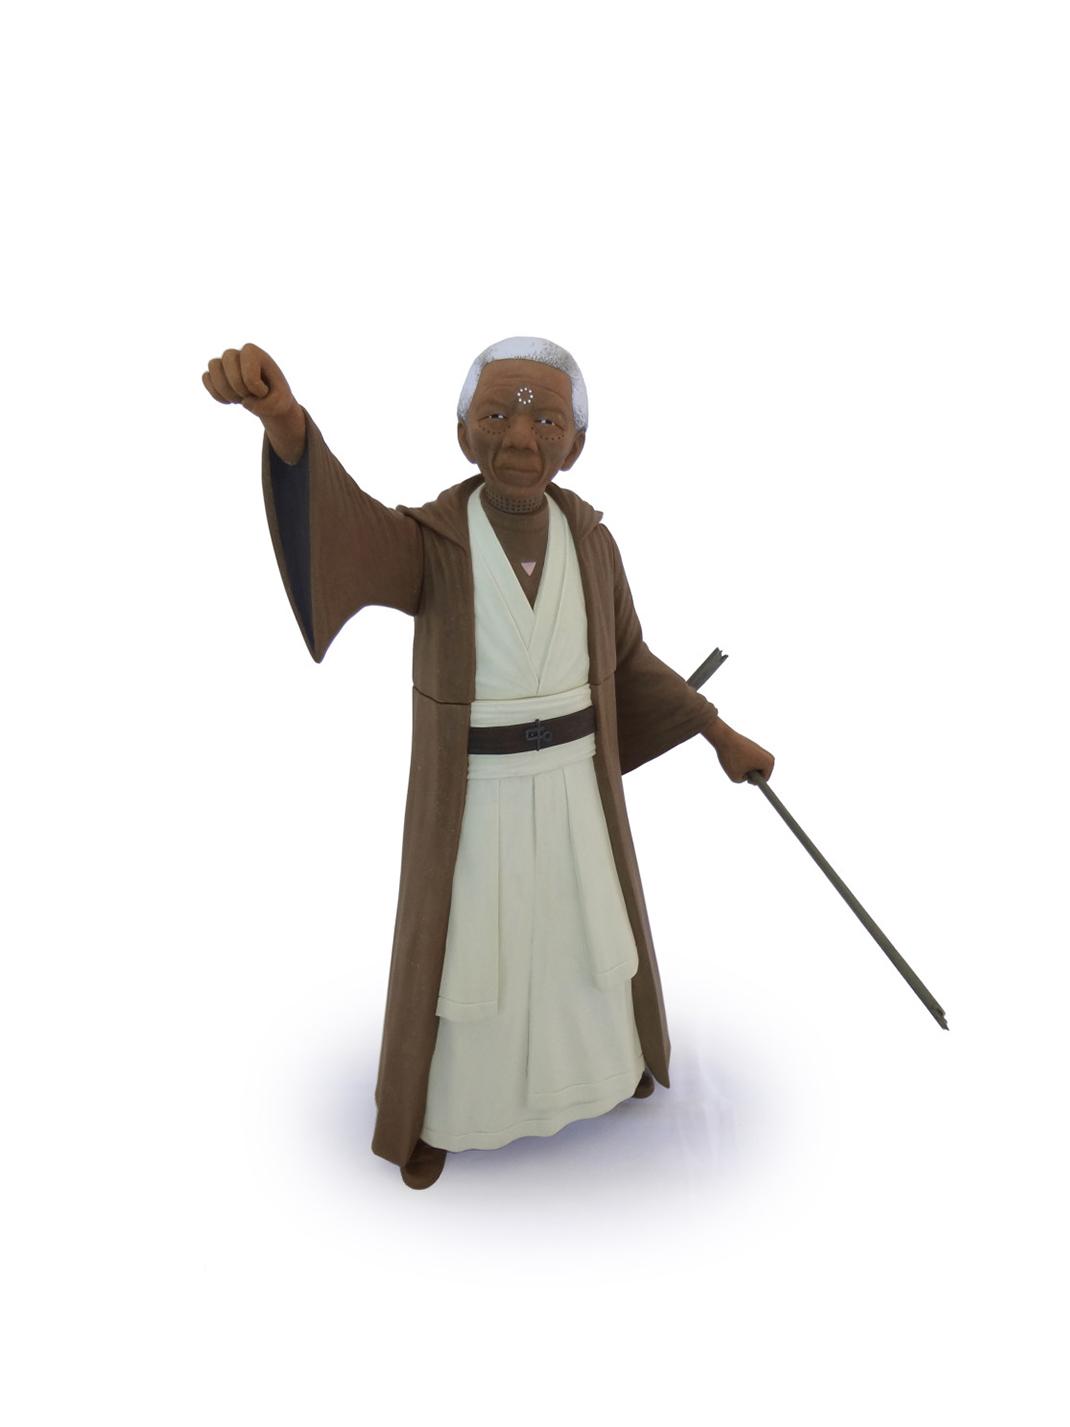 Nelson Mandela-Obi Wan Kenobi